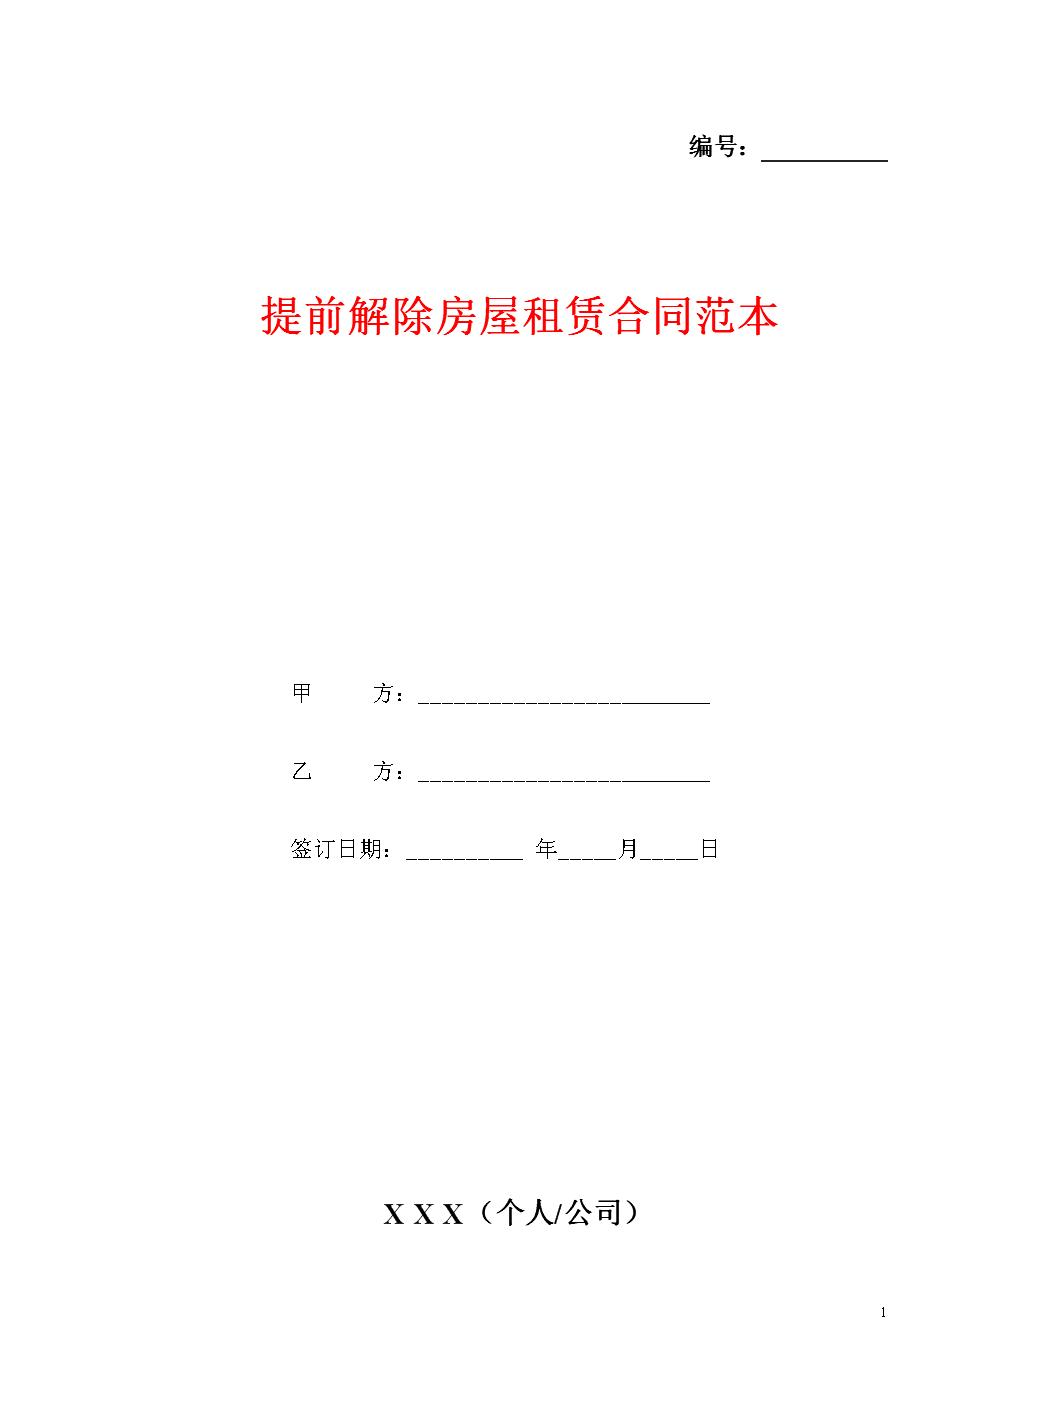 提前解除房屋租赁合同范本 .doc